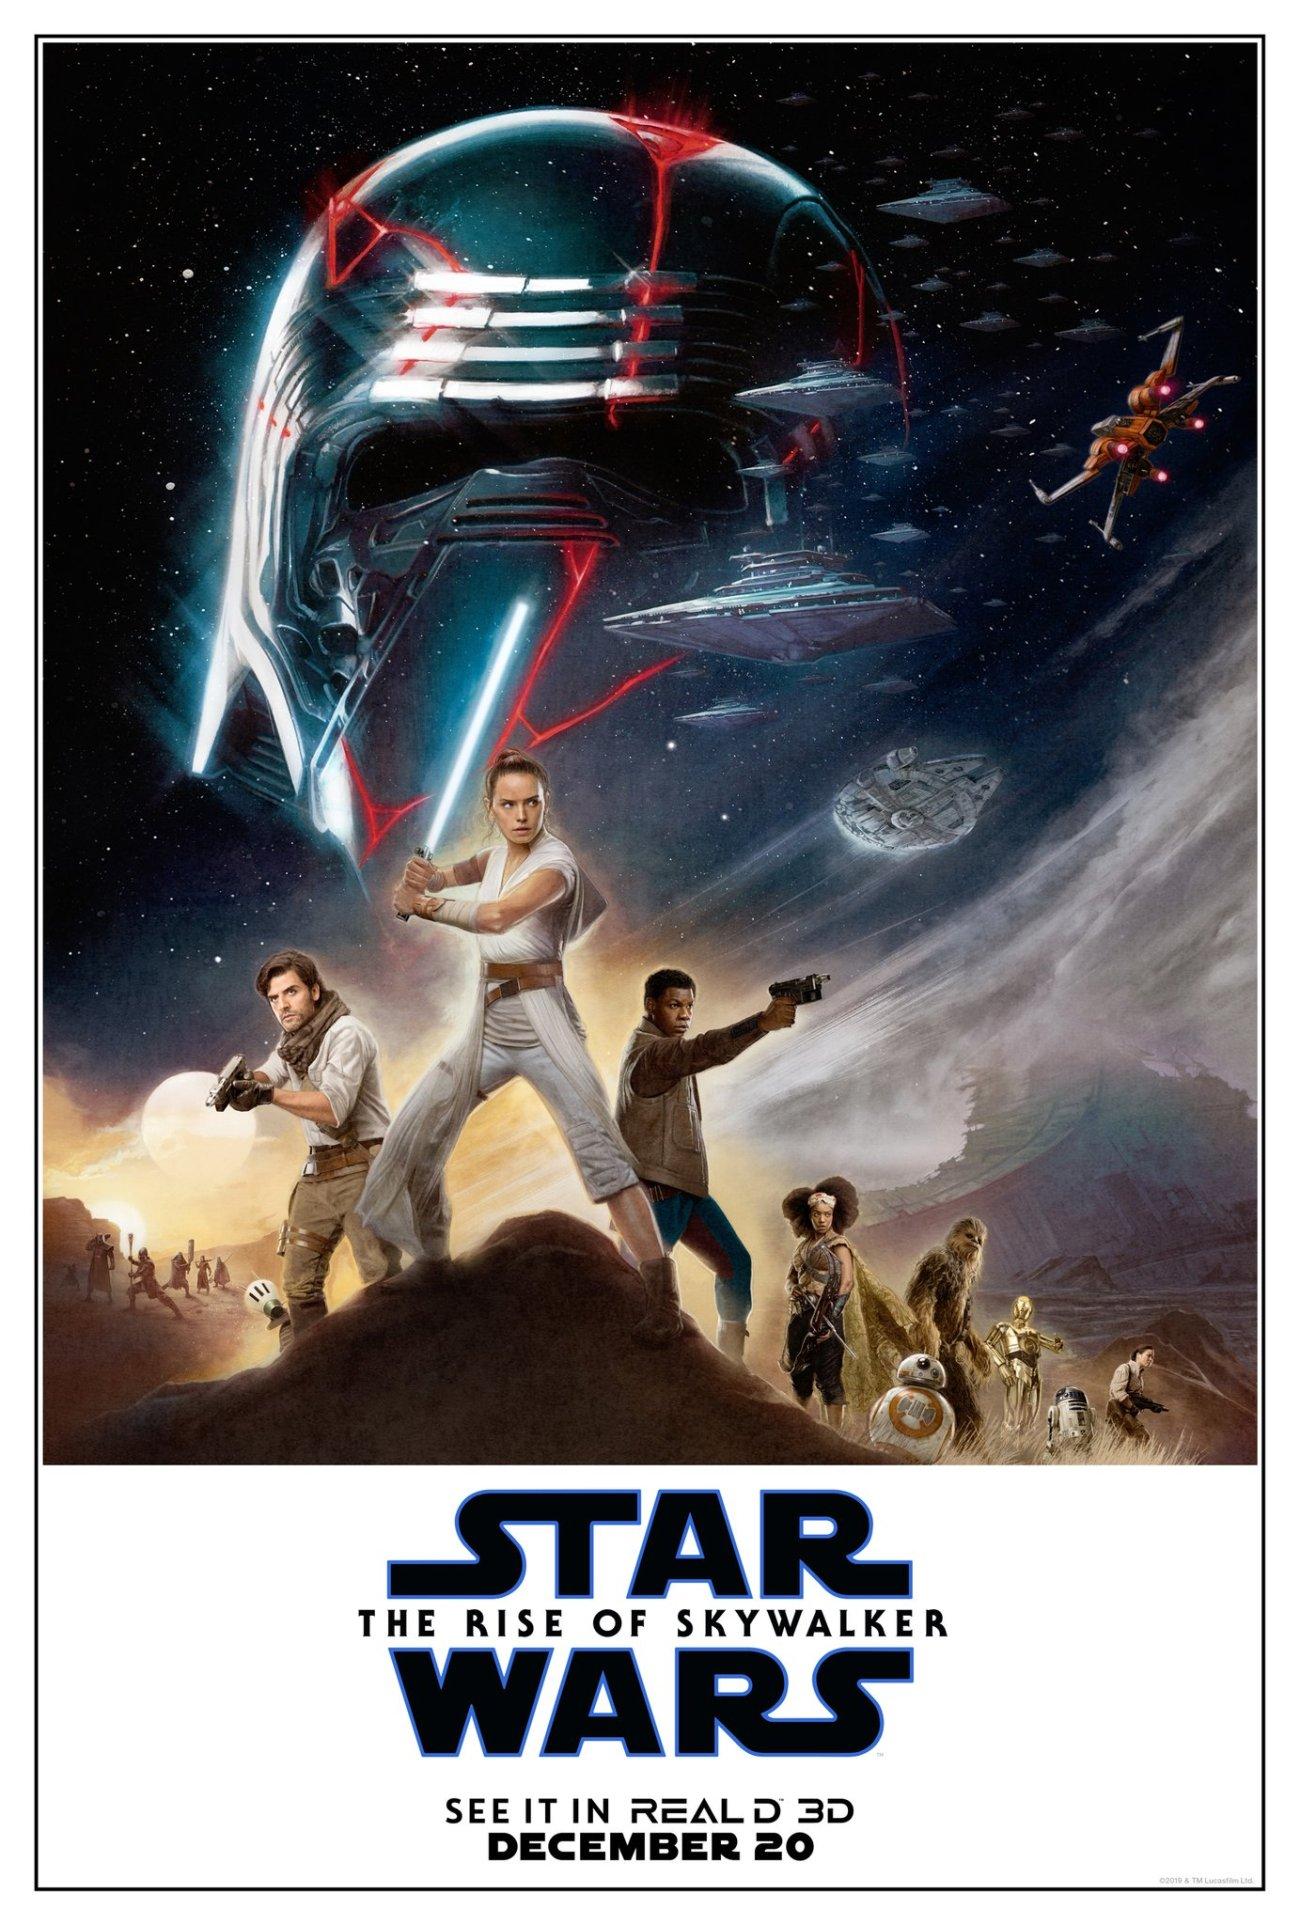 Póster RealD 3D de Star Wars: The Rise of Skywalker (2019). Imagen: RealD 3D Twitter (@RealD3D).